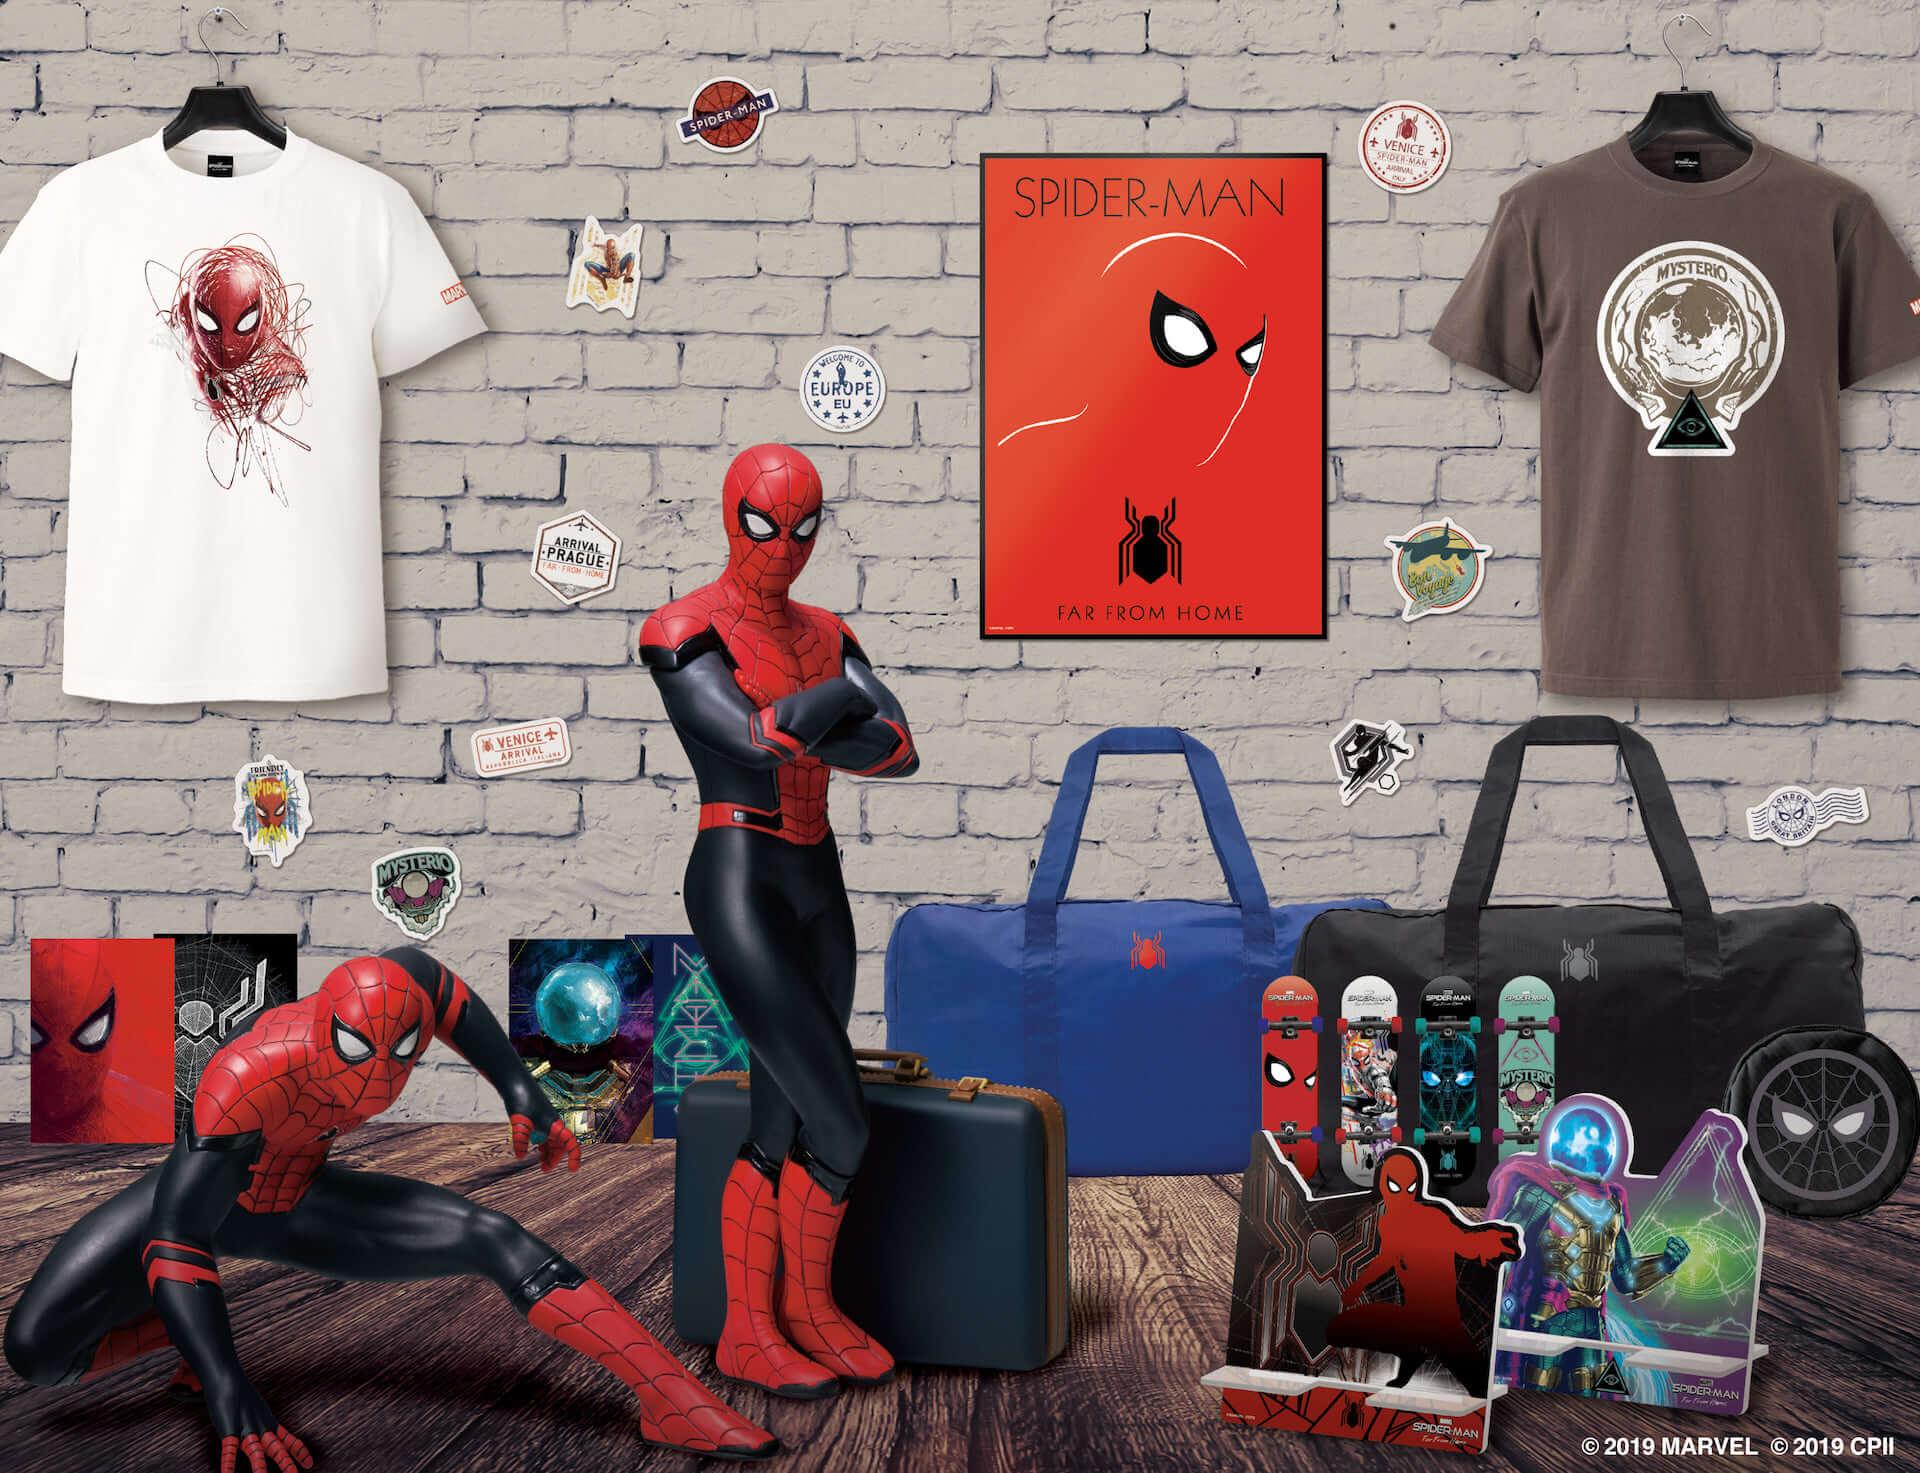 映画「スパイダーマン」最新作の超レアグッズが当たる!Happyくじ『スパイダーマン:ファー・フロム・ホーム』登場 art190628_spiderman_lot_main-1920x1473